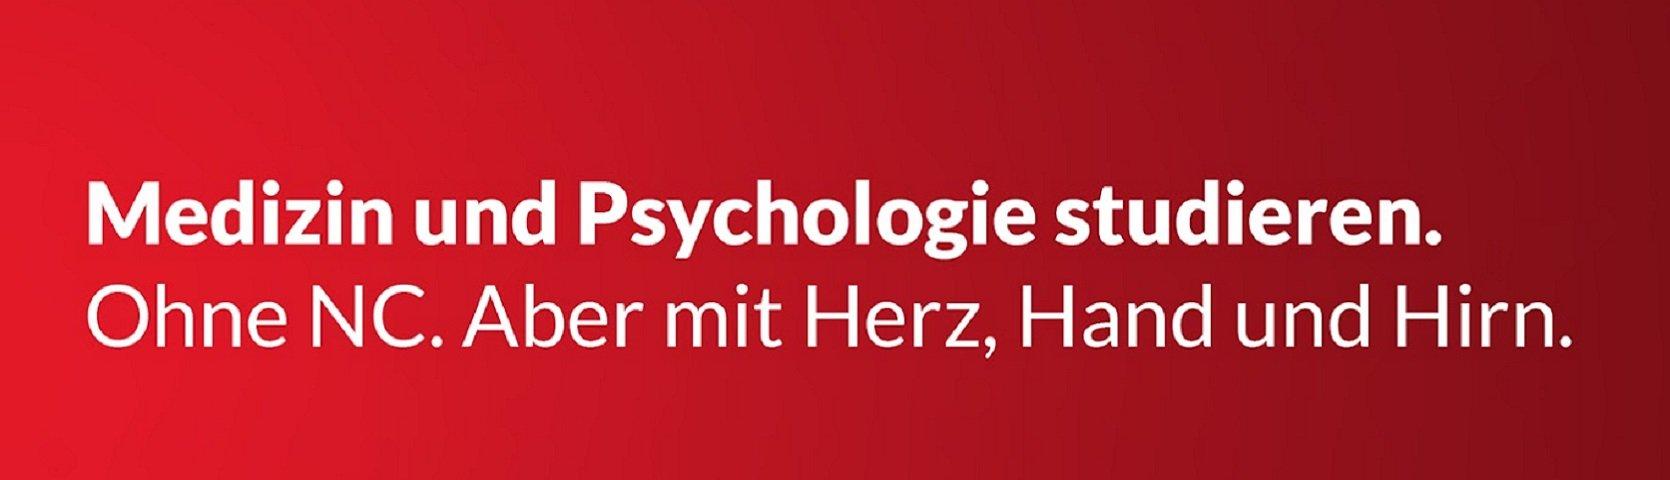 Medizinische Hochschule Brandenburg CAMPUS GmbH (gemeinnützig)